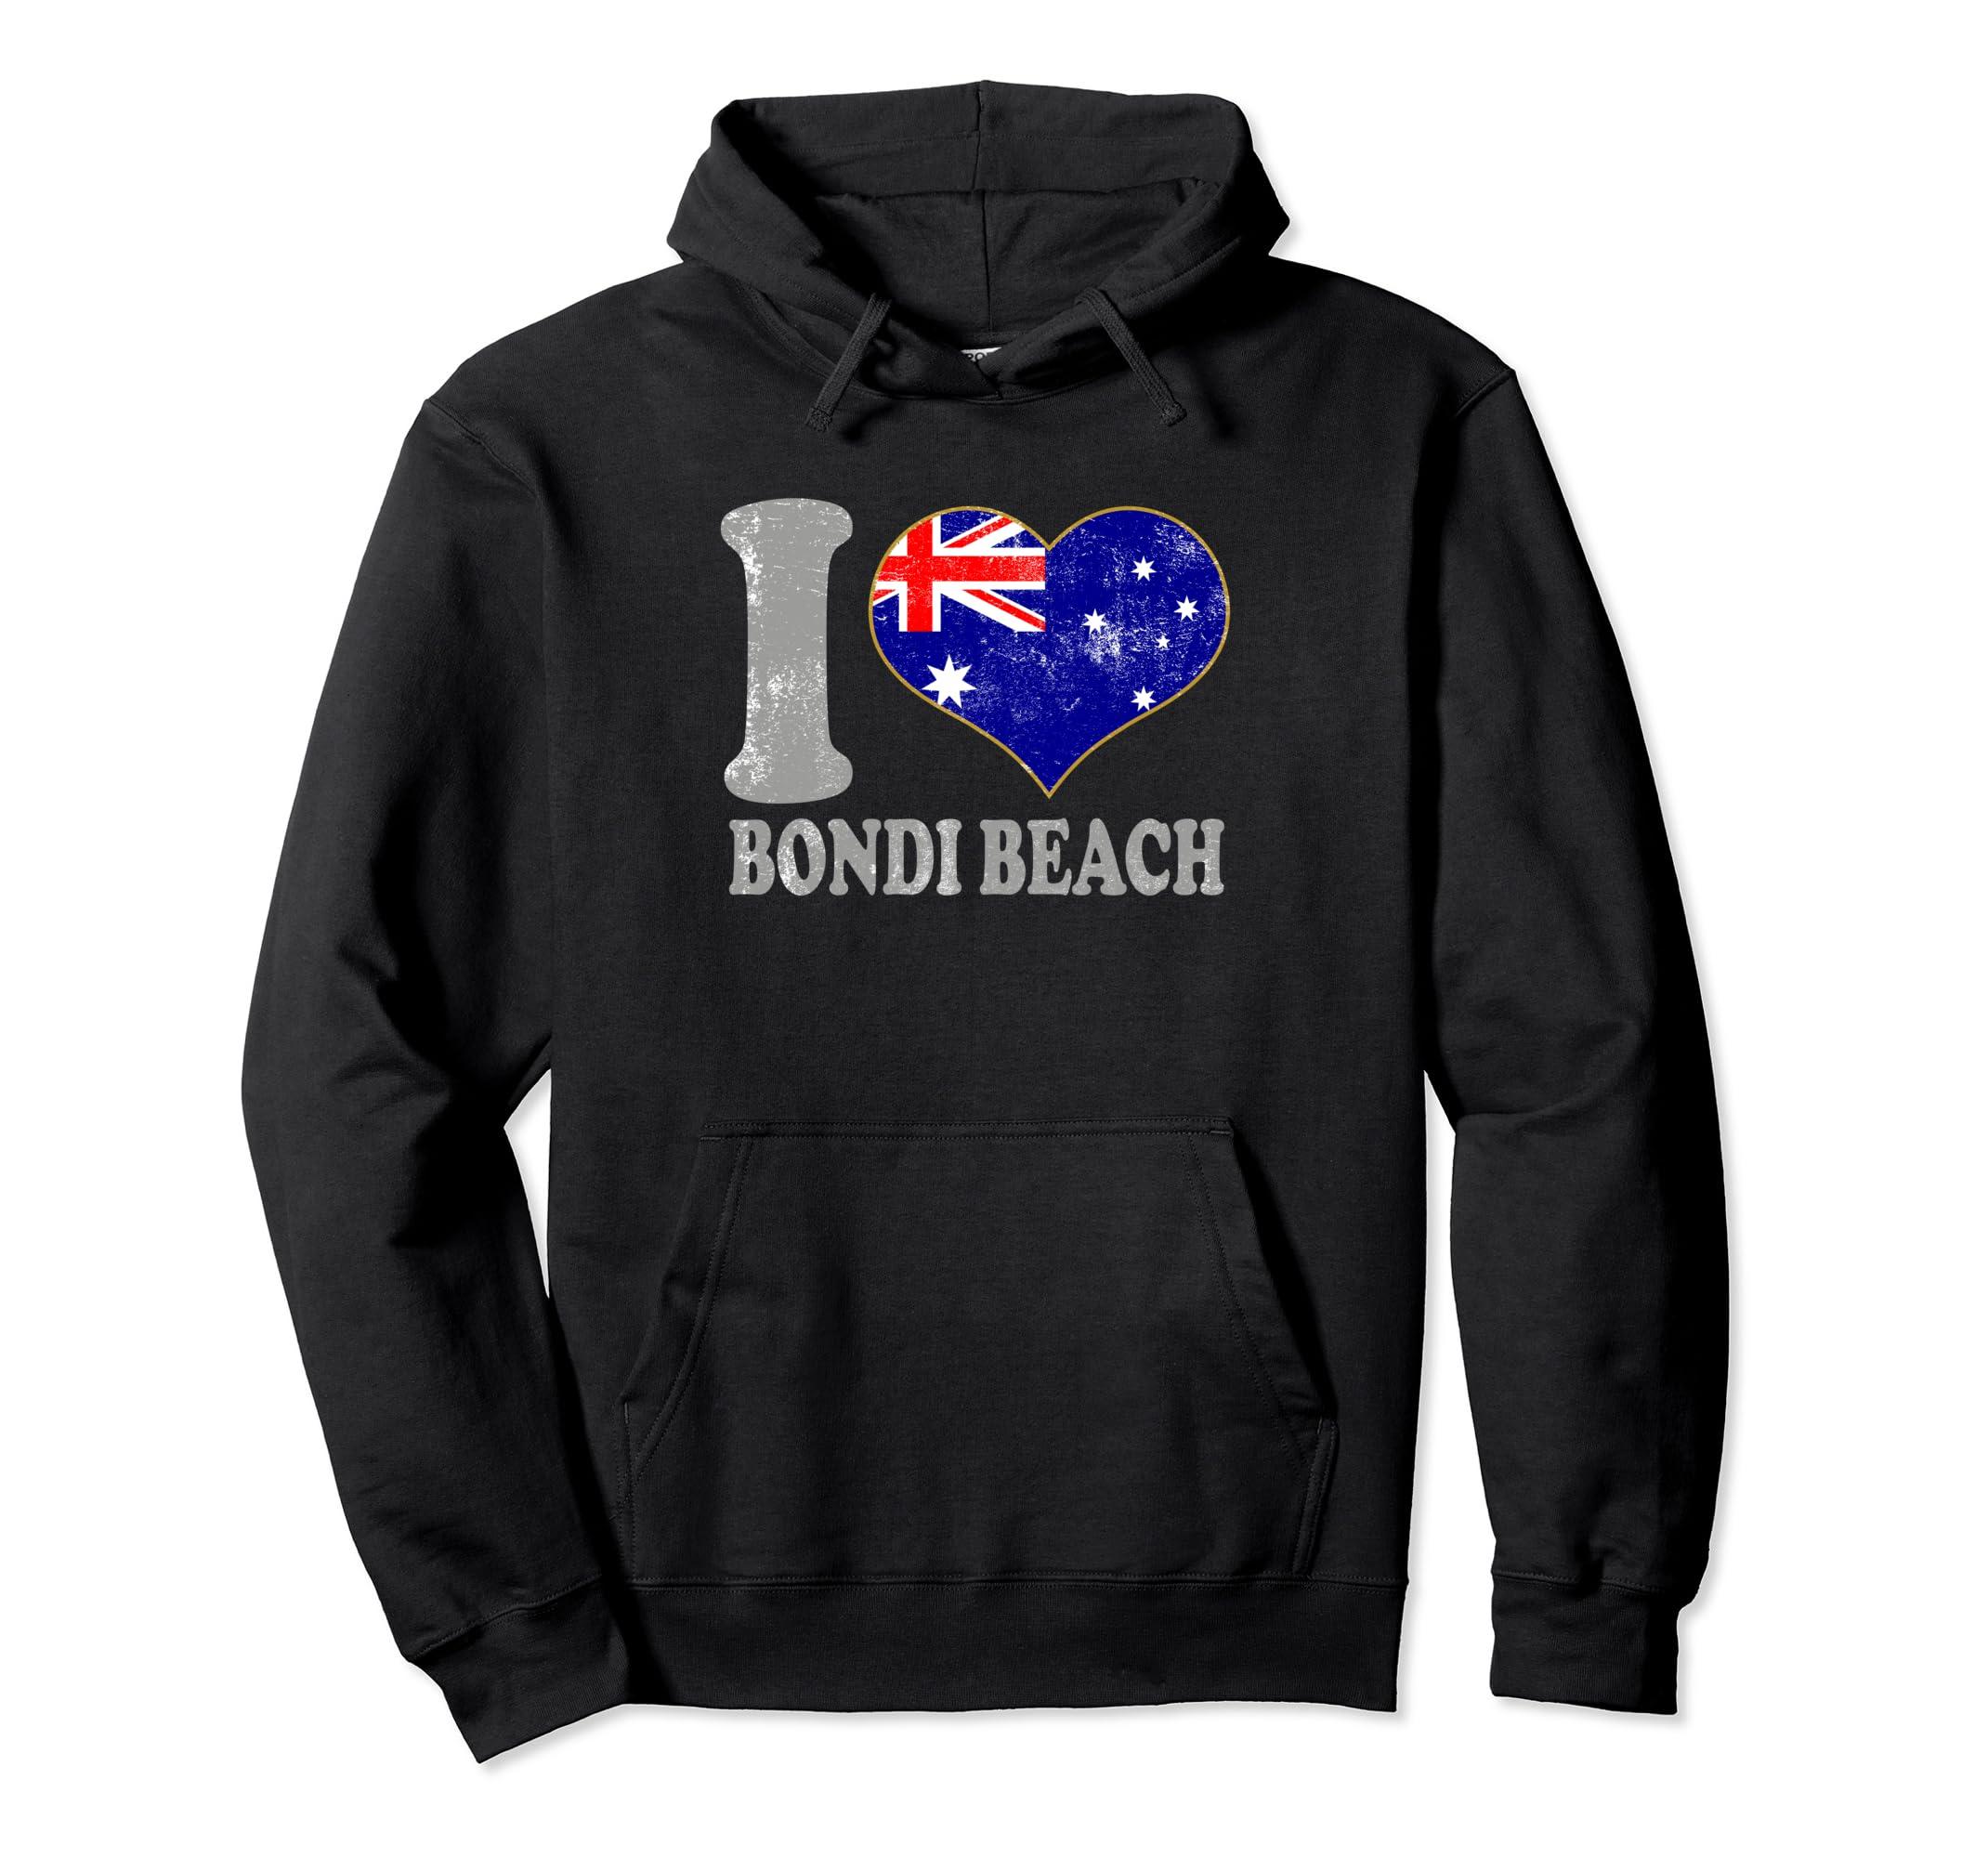 eb639a19f0 Amazon.com: Bondi Beach Australia Hooded Sweatshirt Clothing Pride: Clothing